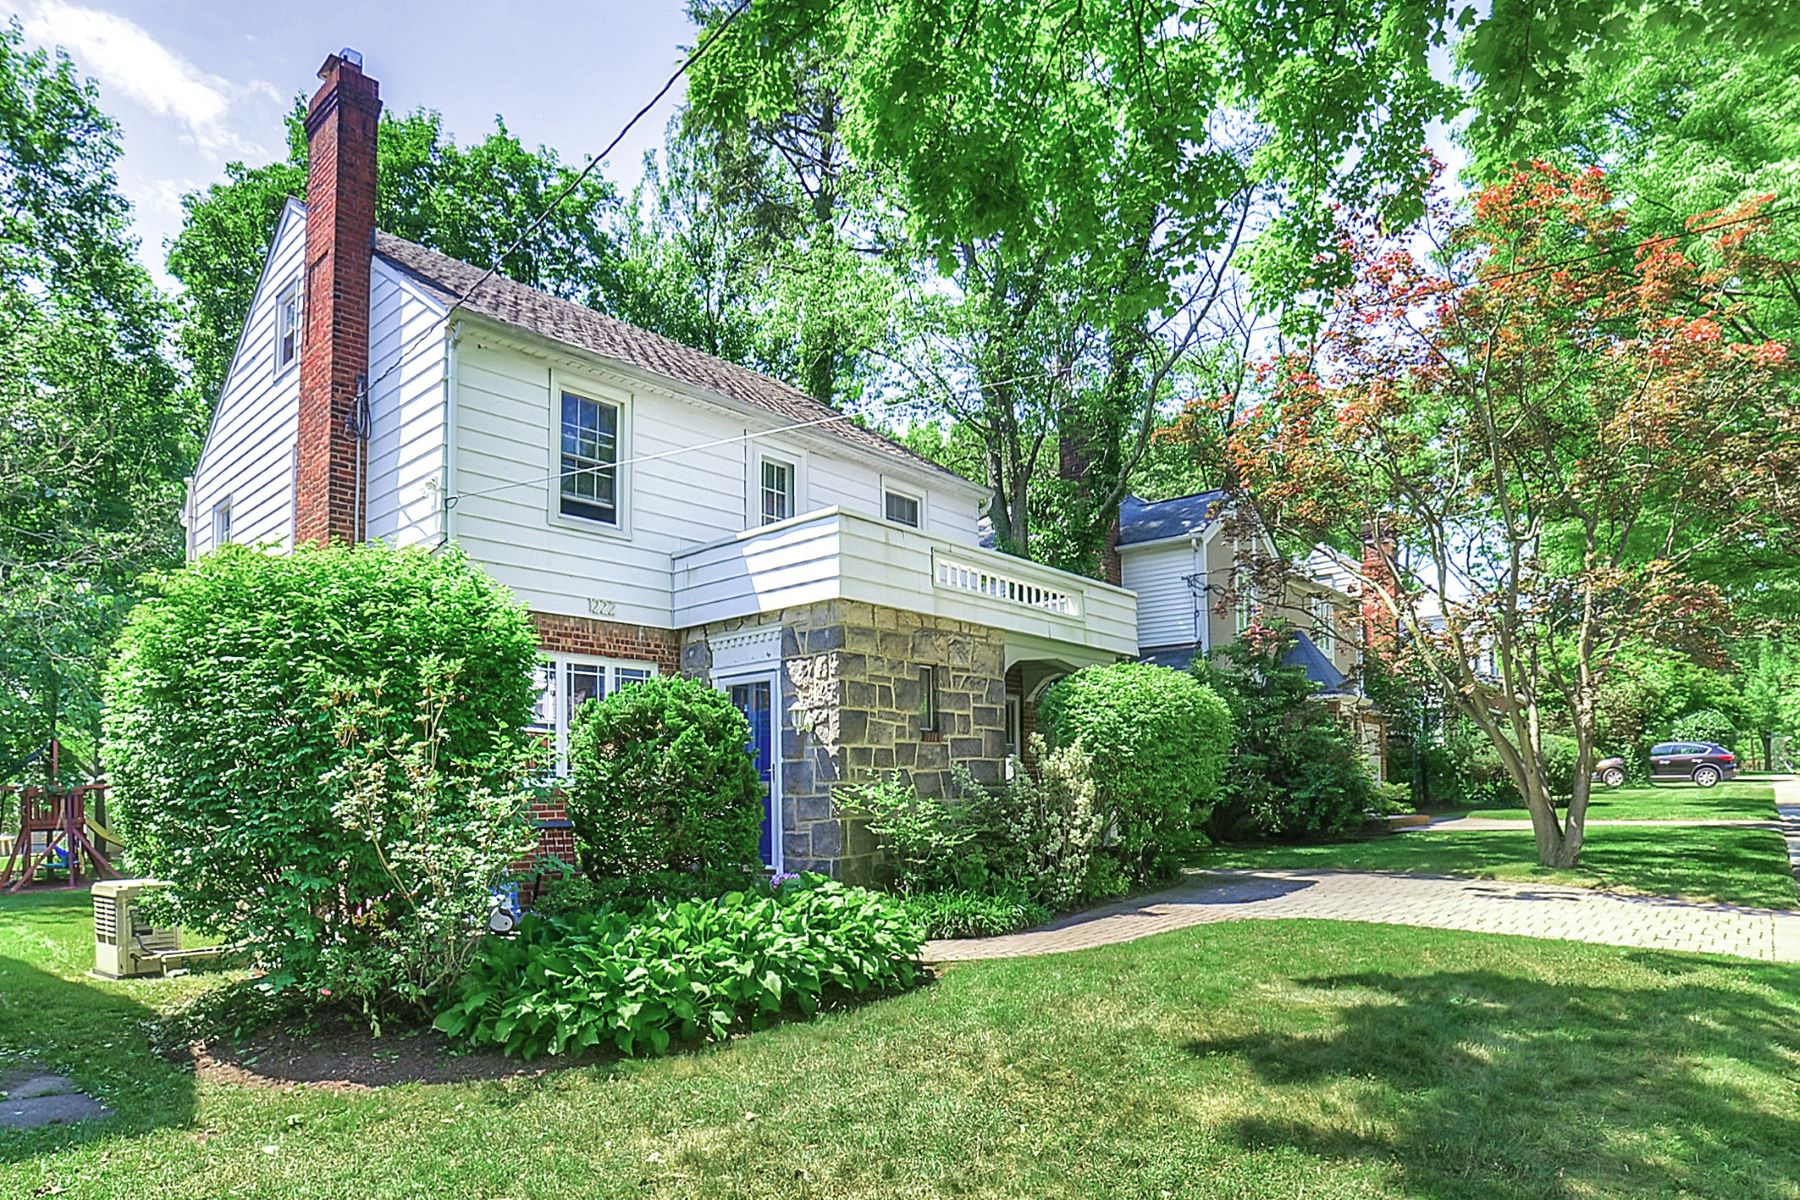 Частный односемейный дом для того Продажа на Fabulous Teaneck Home! 1222 Kensington Road Teaneck, Нью-Джерси 07666 Соединенные Штаты